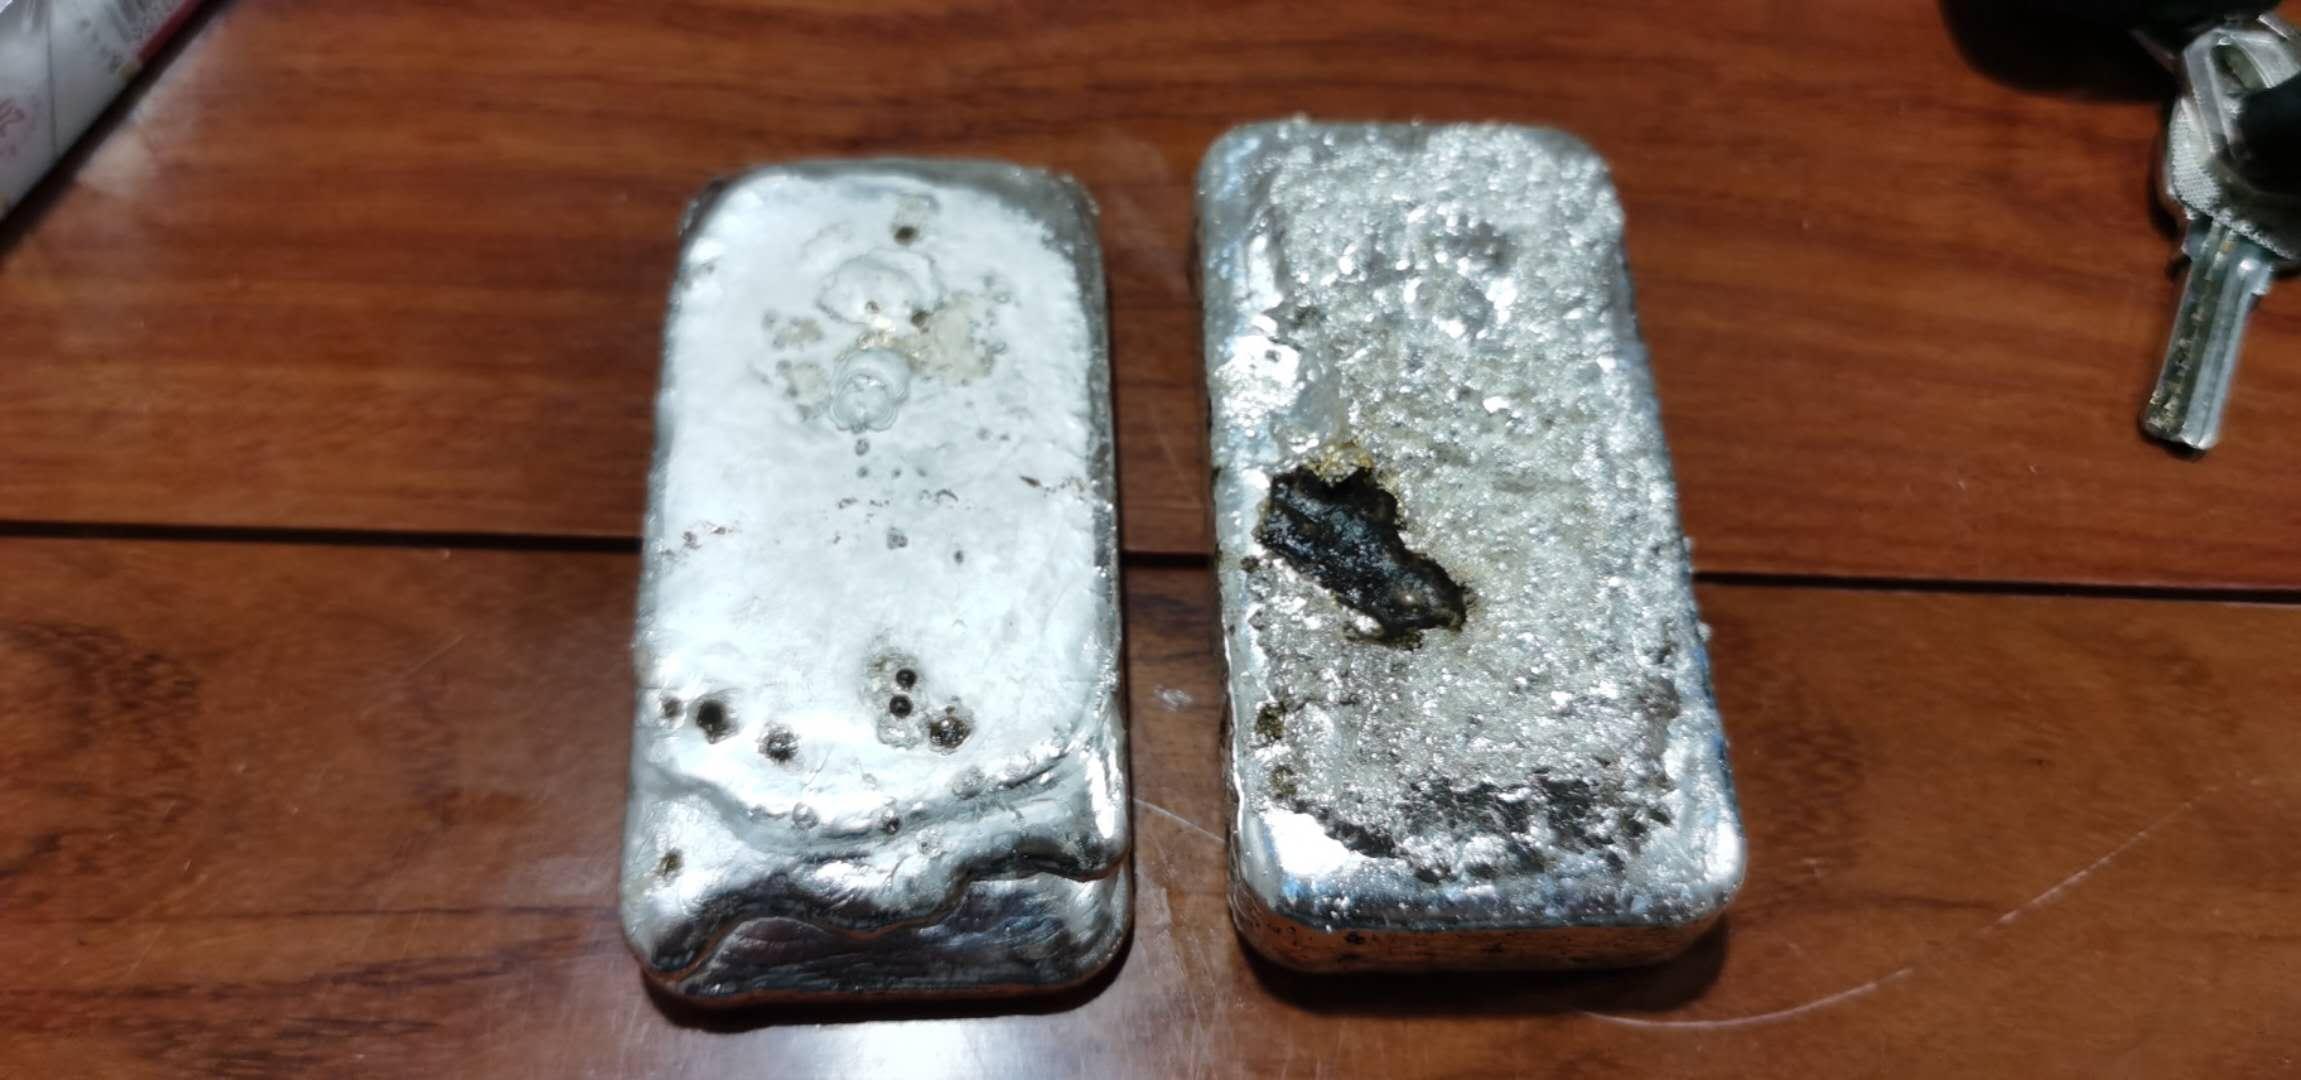 廢鈀炭回收_廢鈀炭收購價格_廢鈀炭菏澤